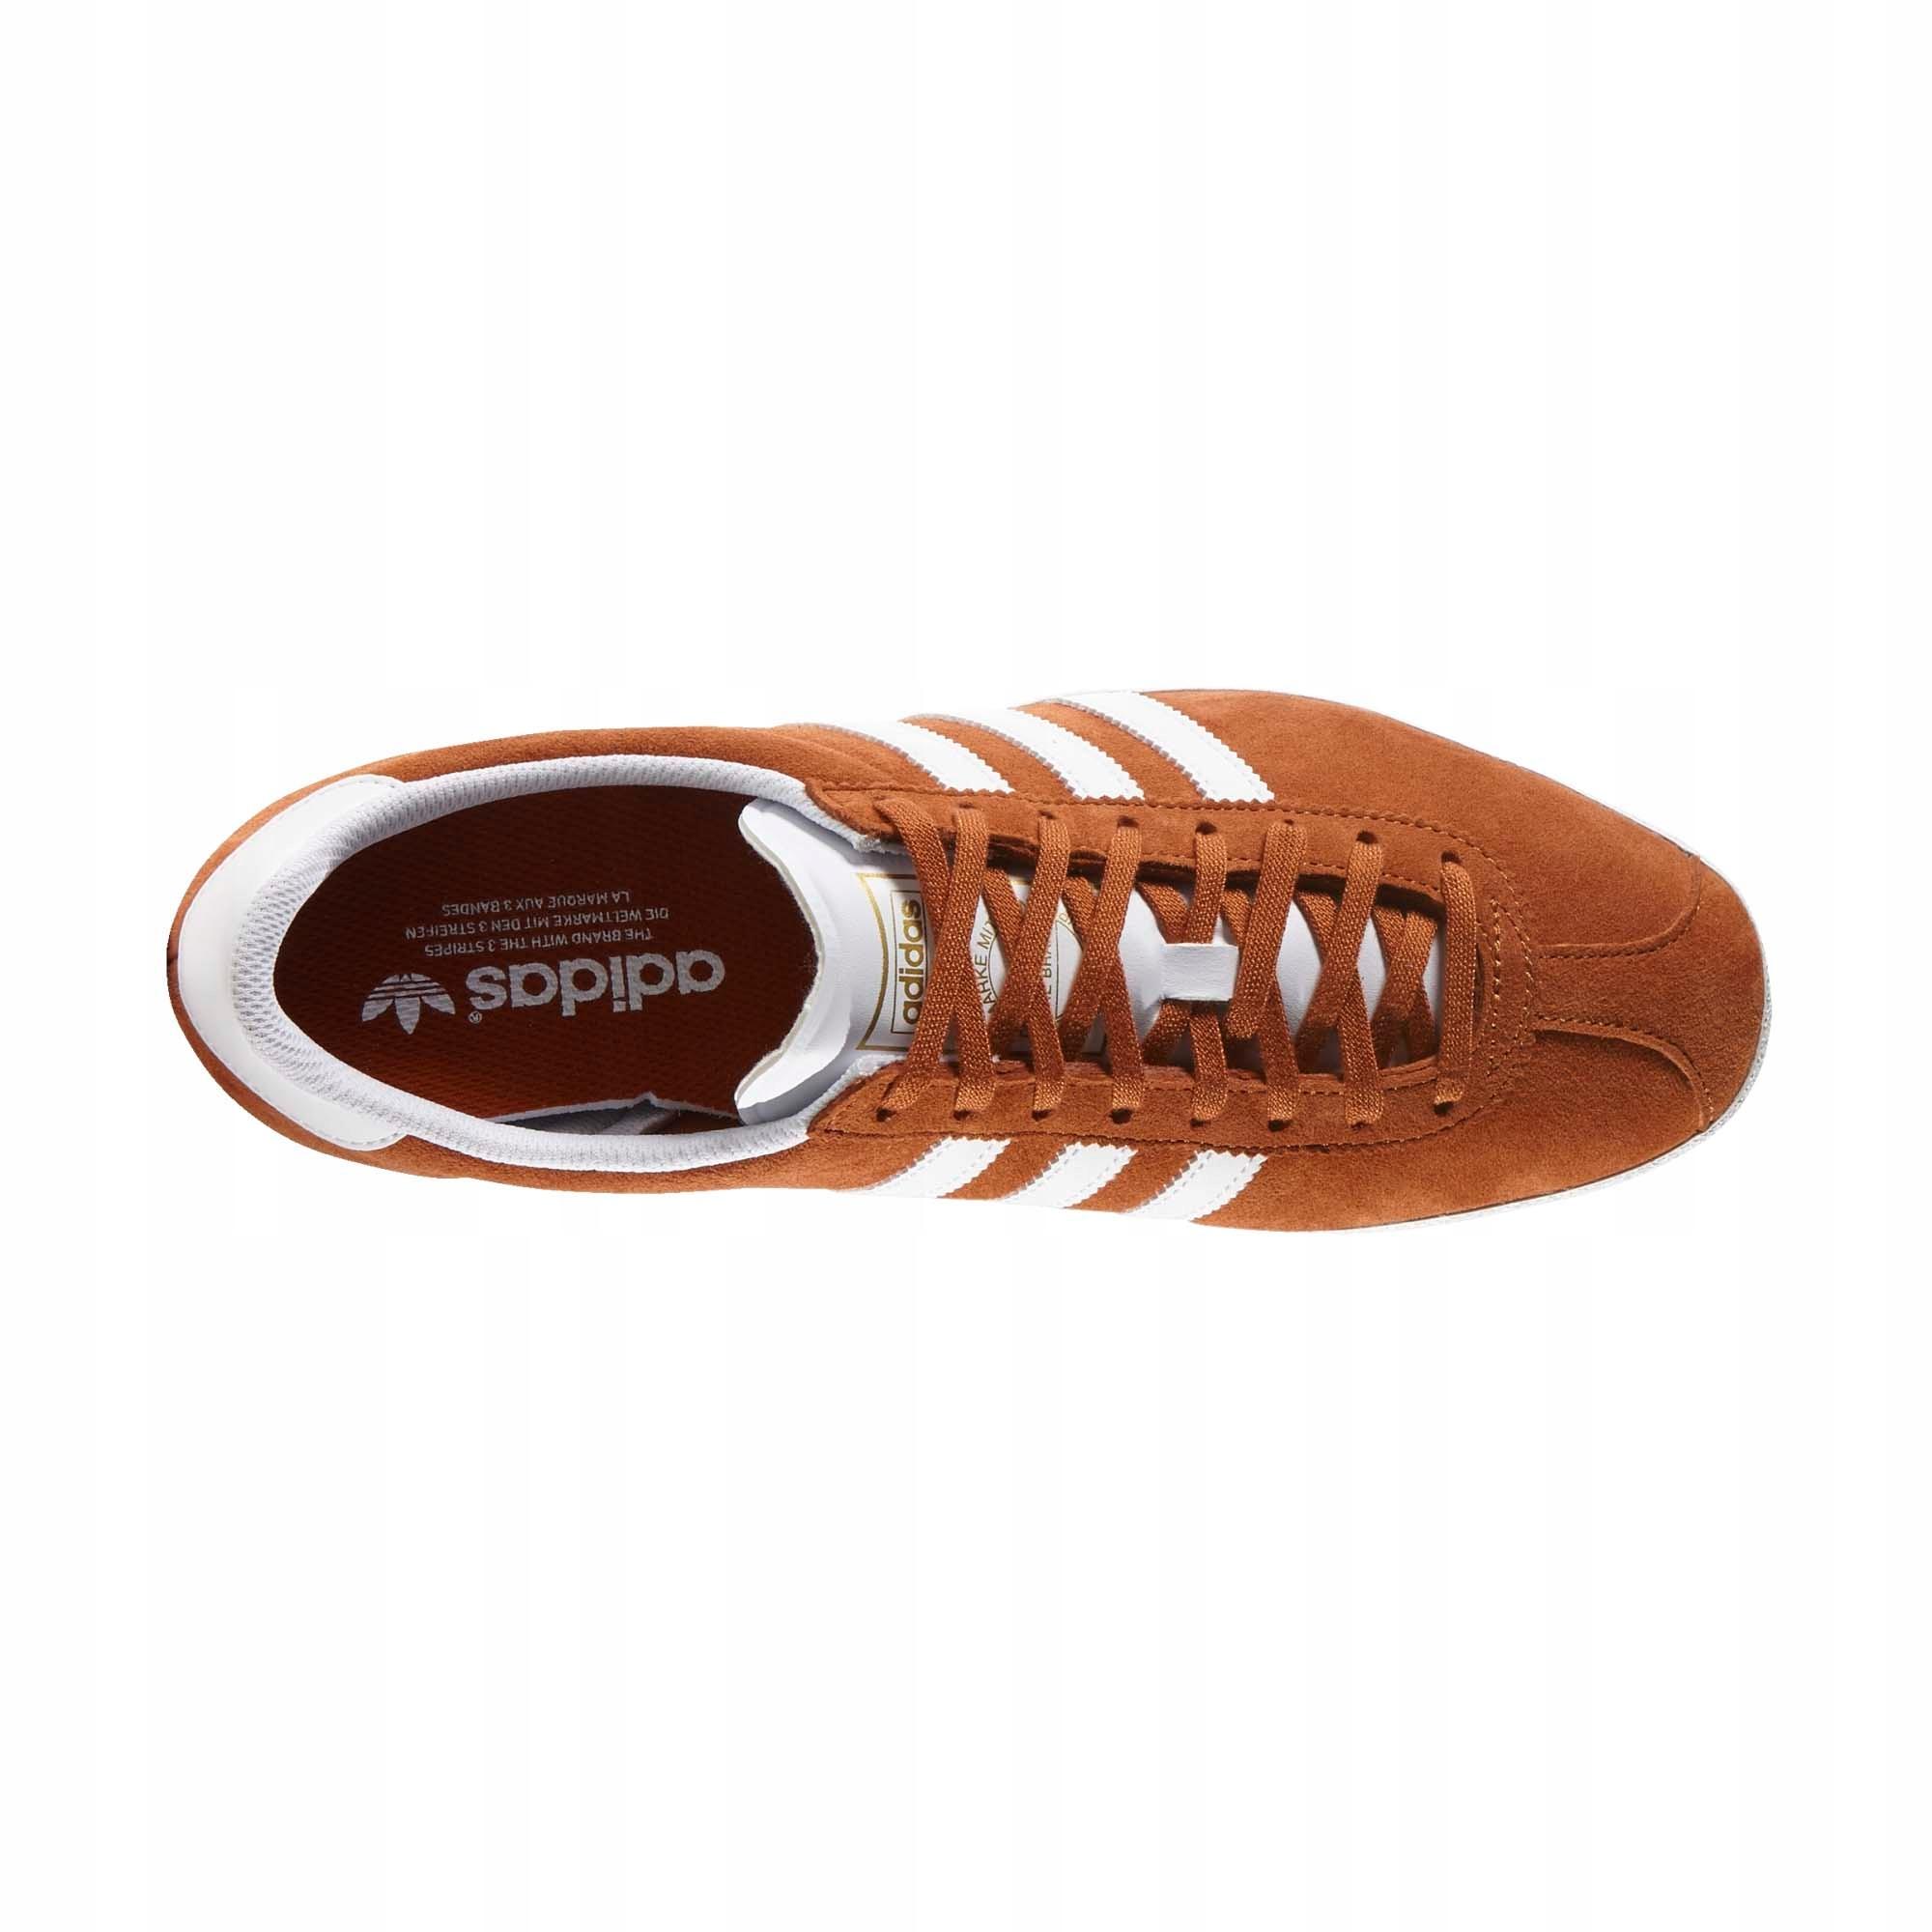 Buty m?skie Adidas Gazelle OG G13265 43 13 Nowo??